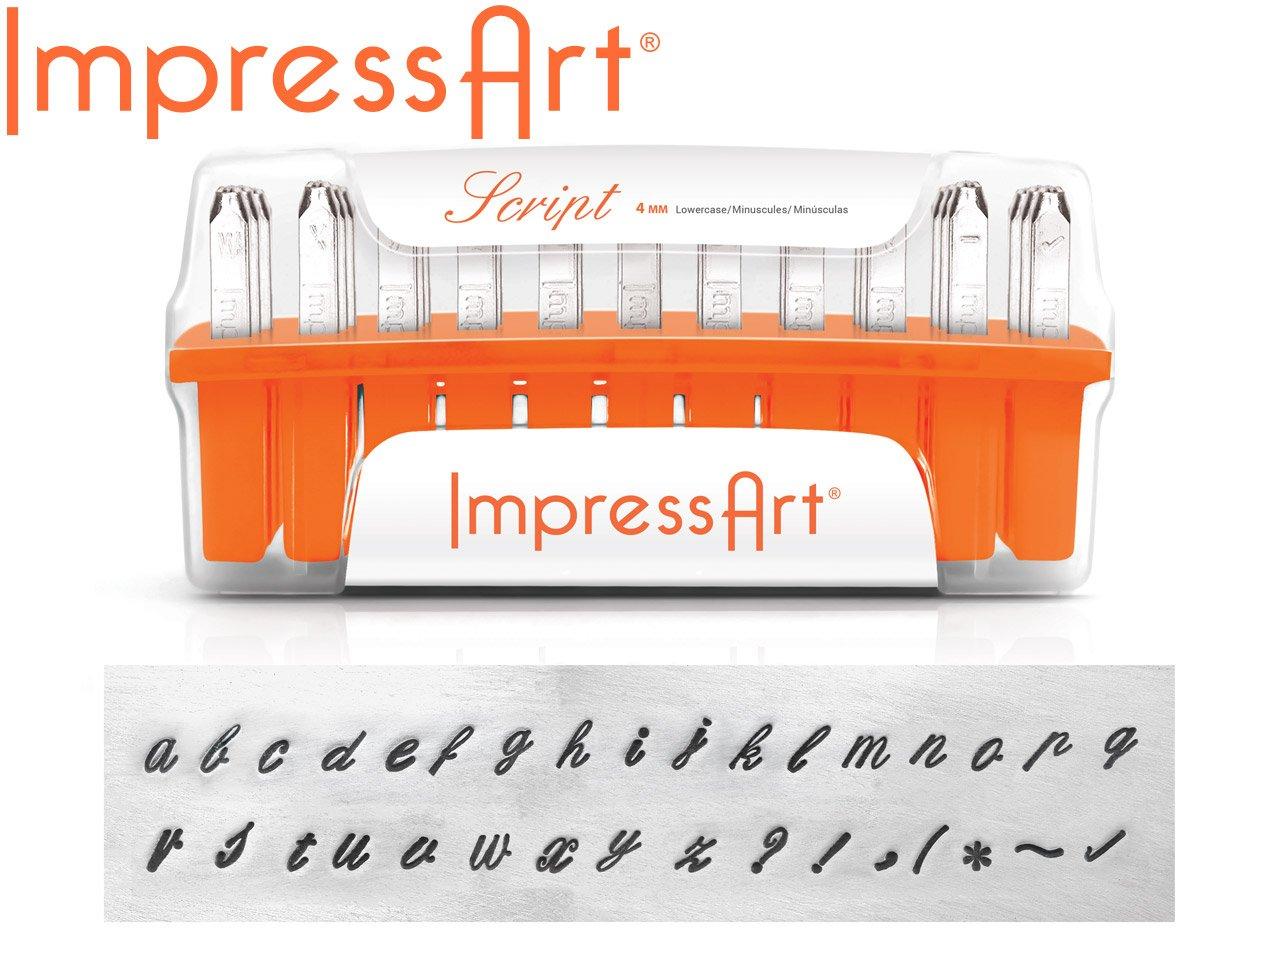 ImpressArt Deco Number Metal Stamps Set, 1.5mm by ImpressArt Metal Stamps SC1123A-1.5mm